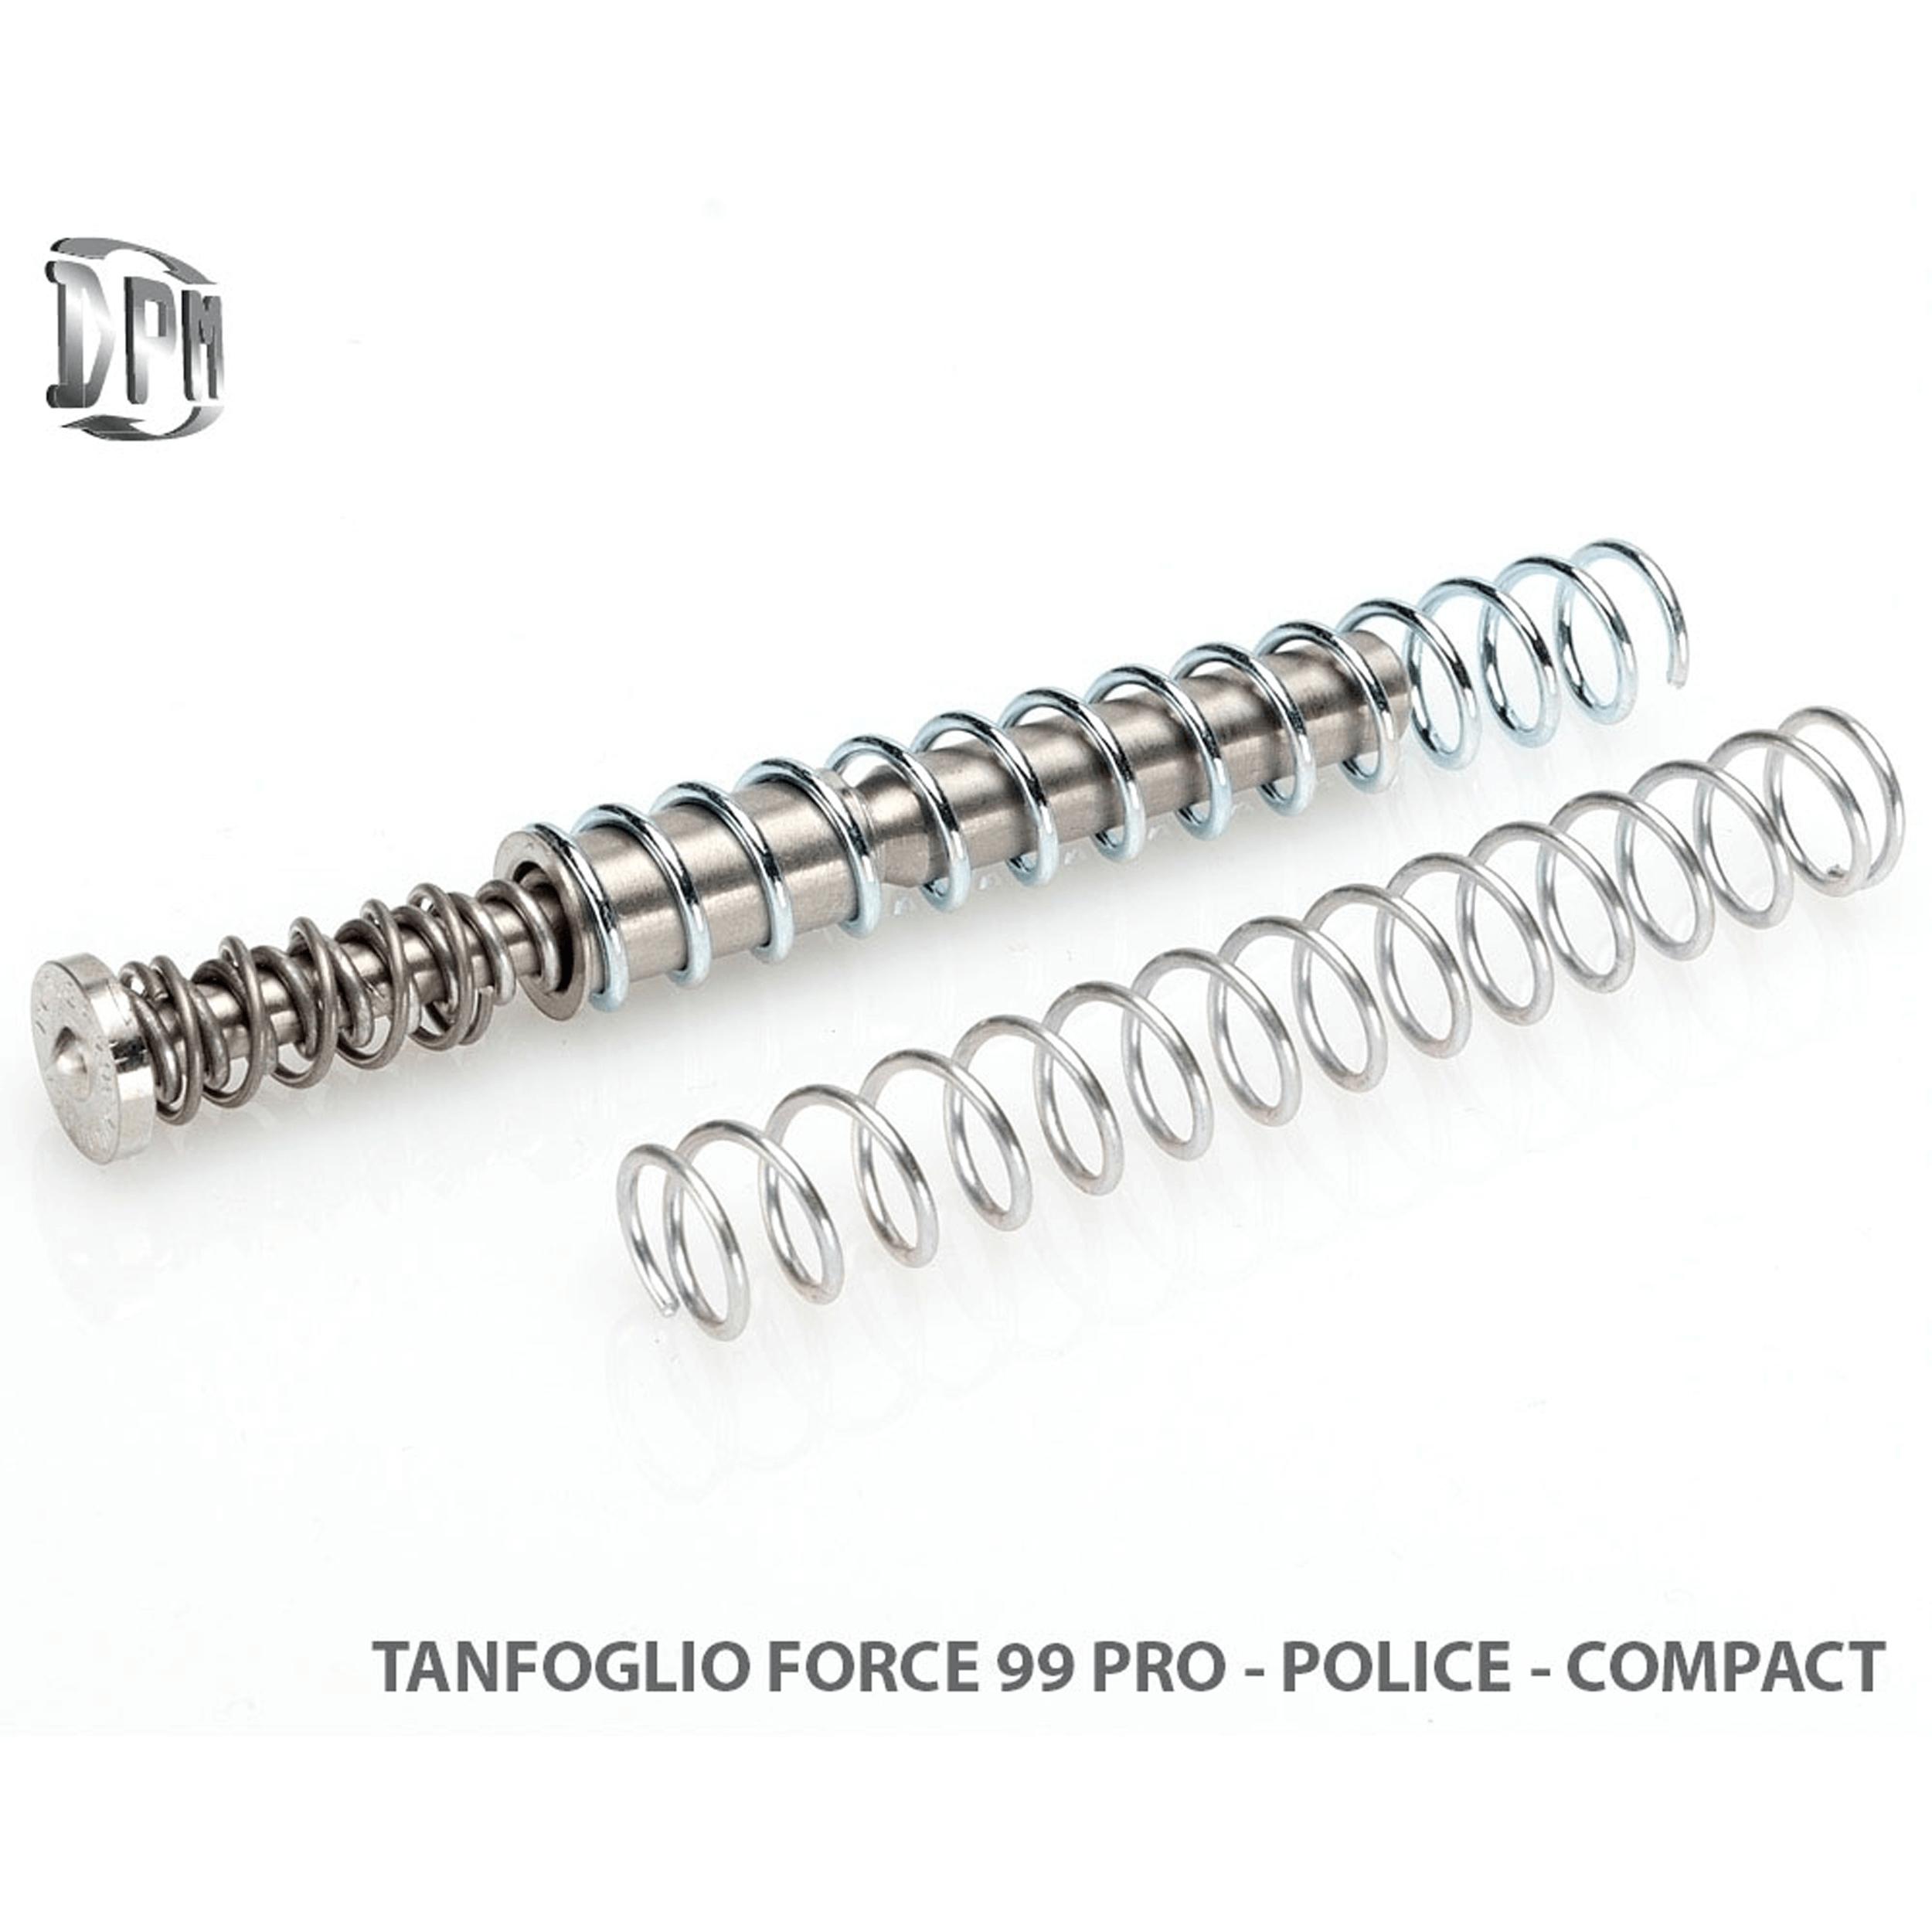 Tanfoglio Force 99 Pro - Police - Compact .9mm .40S&W .45ACP .38Super .10mmAuto